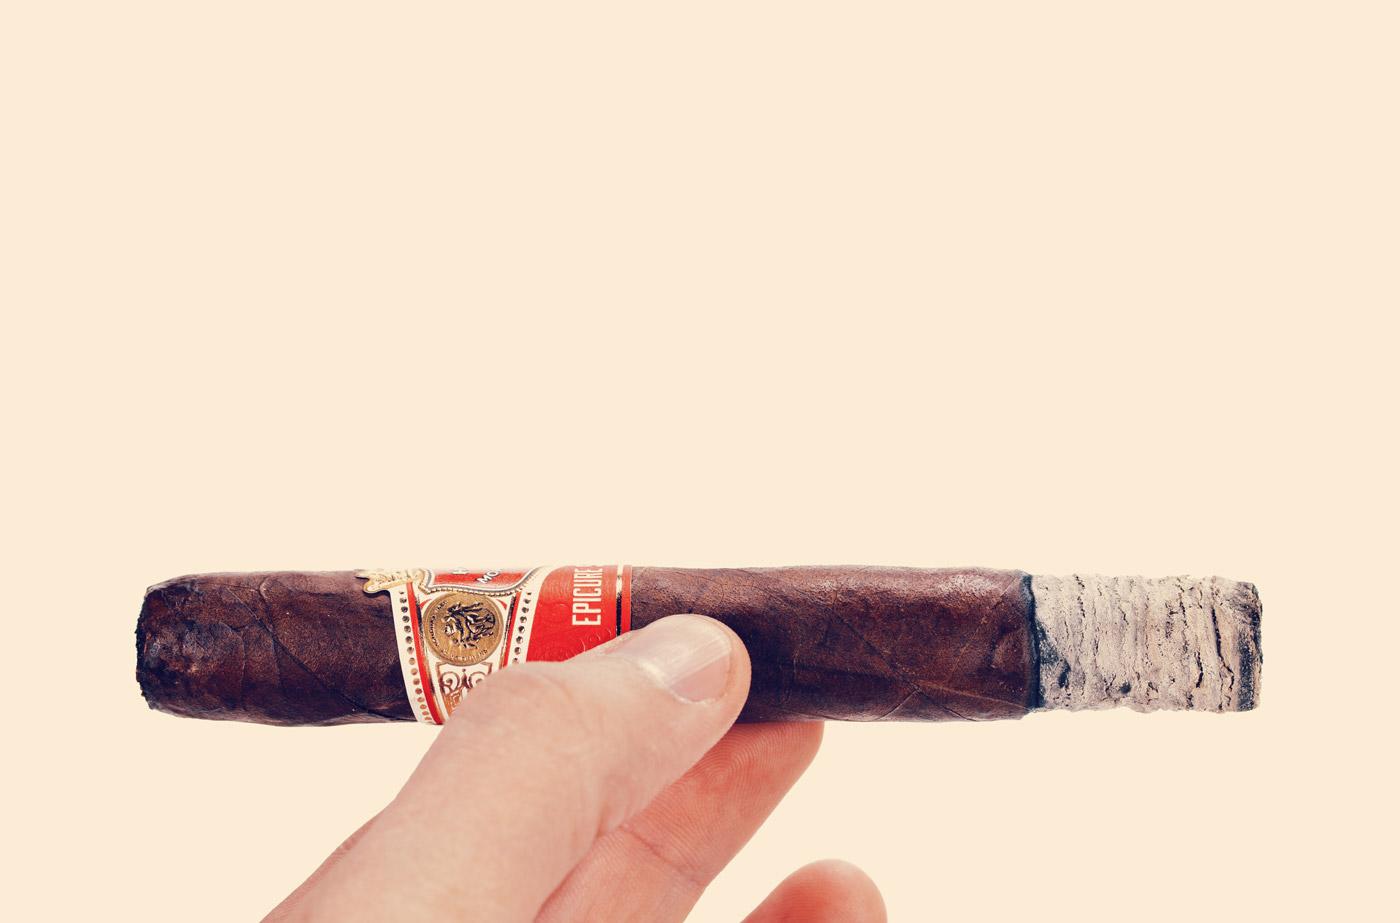 Hoyo de Monterrey Epicure Selección No.1 cigar review